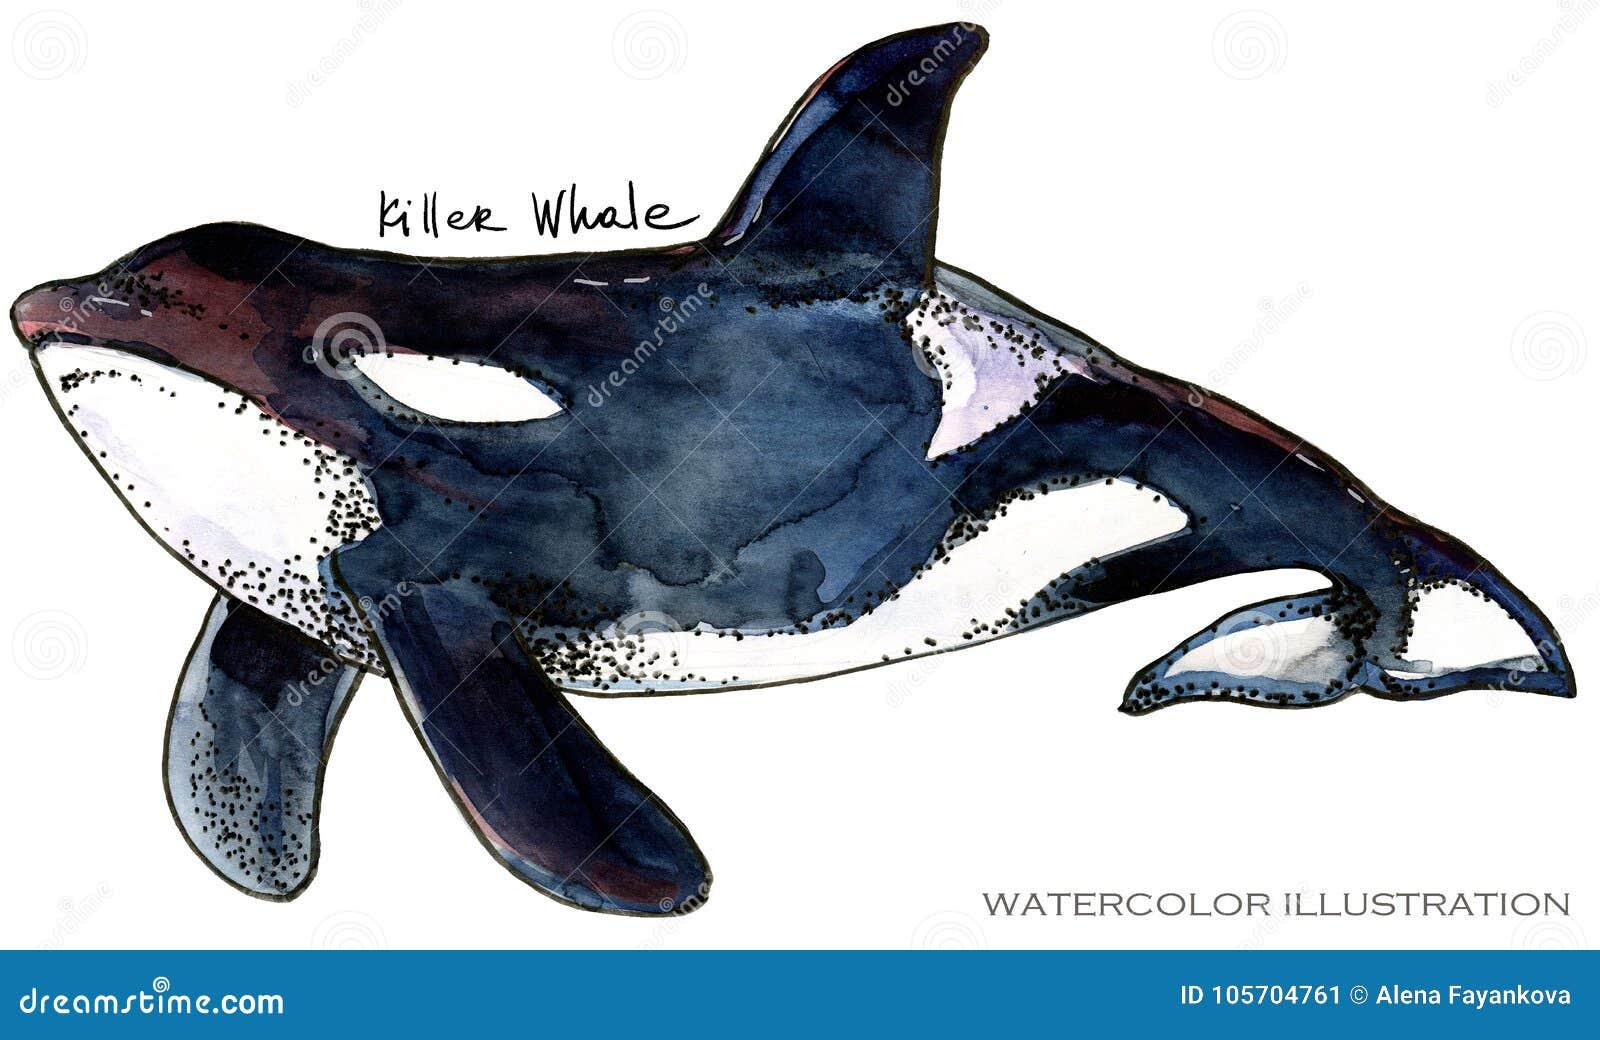 Baleia de assassino ilustração subaquática da aquarela da vida Animal de mar